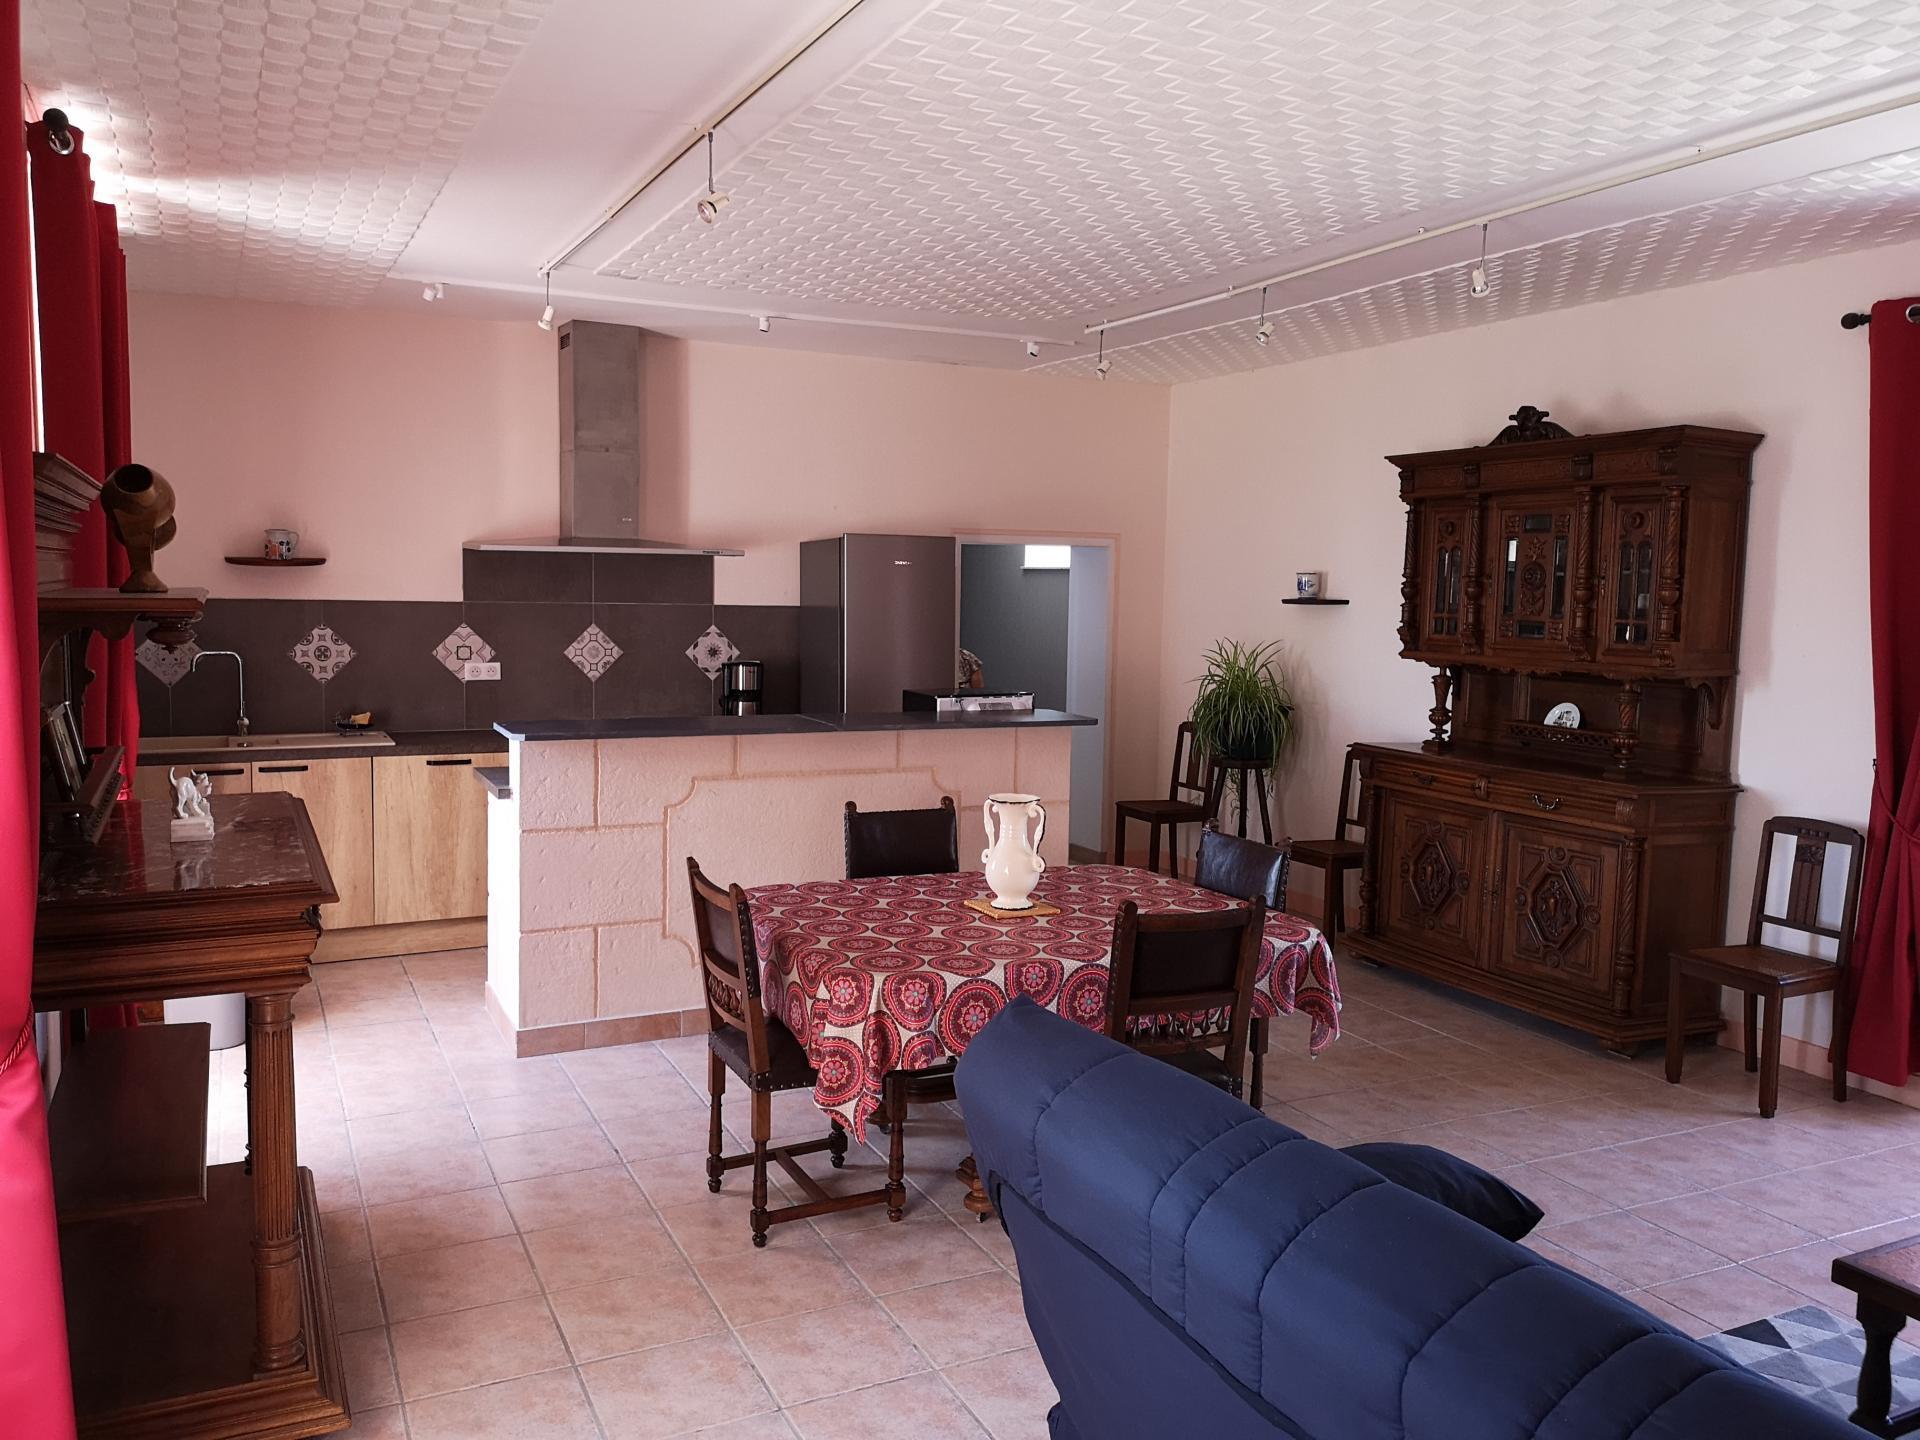 Salle de séjour avec cuisine intégrée